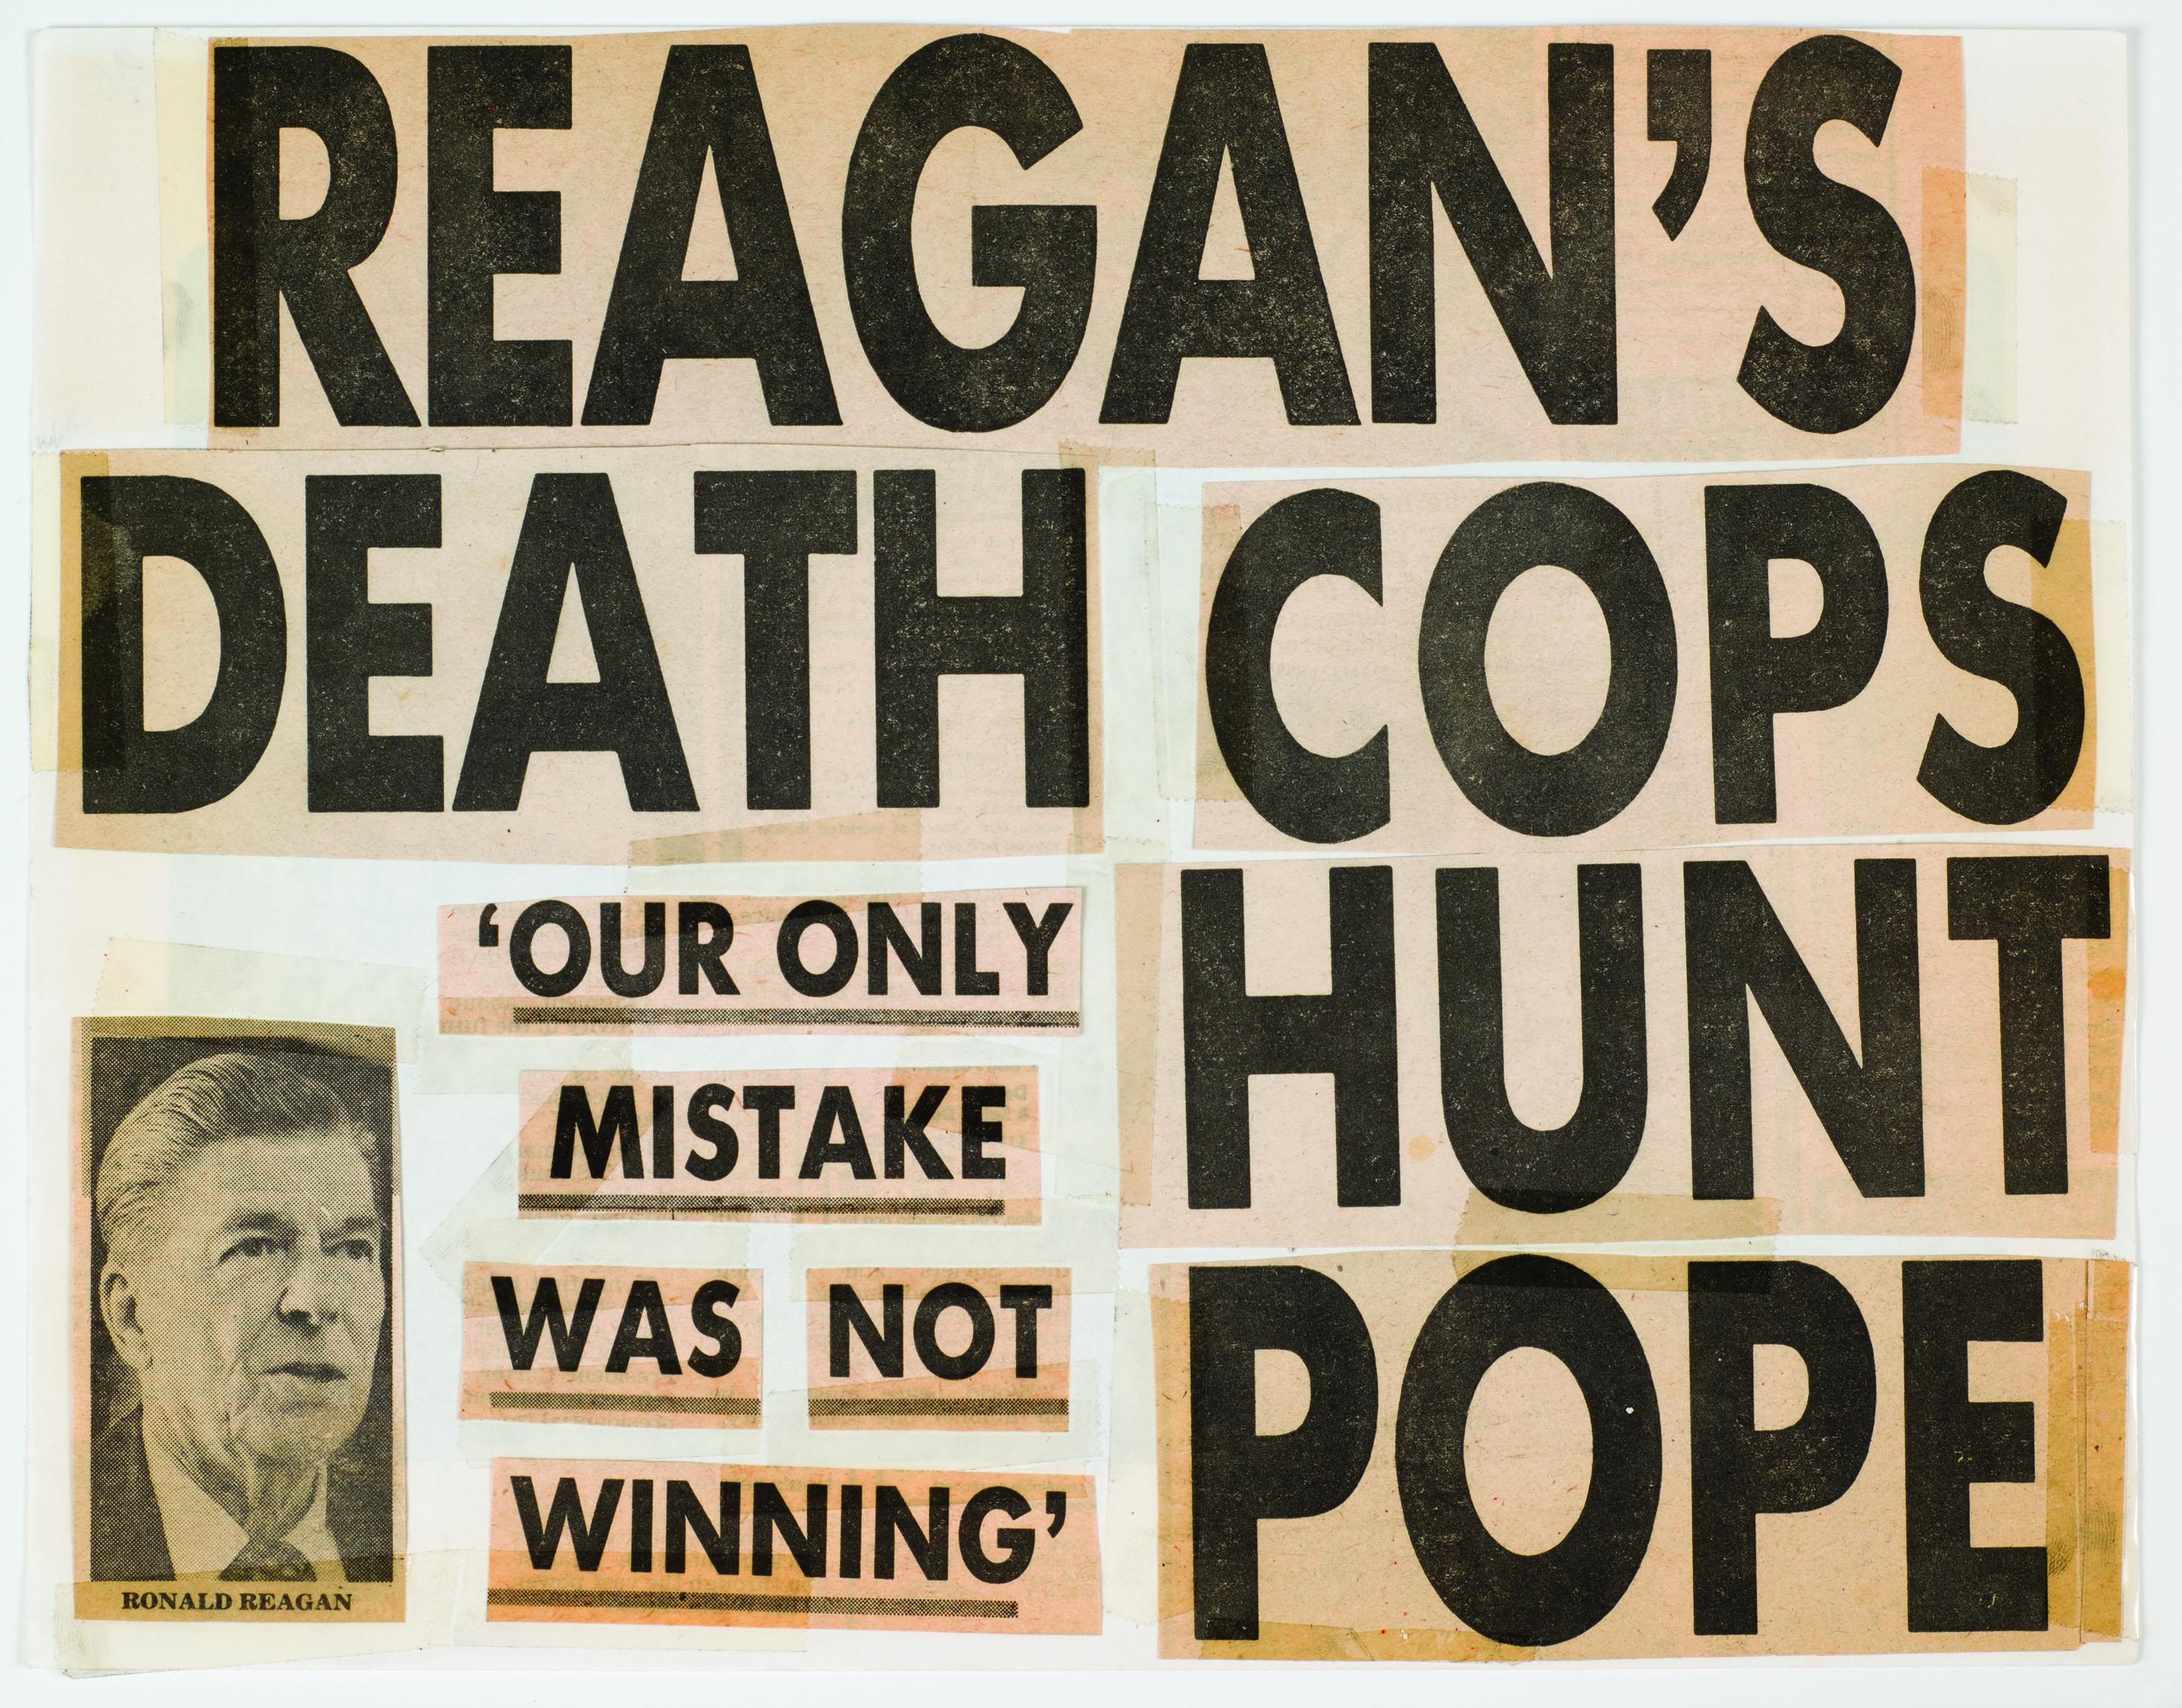 Keith Haring, Reagan's Death Cops Hunt Pope, 1980